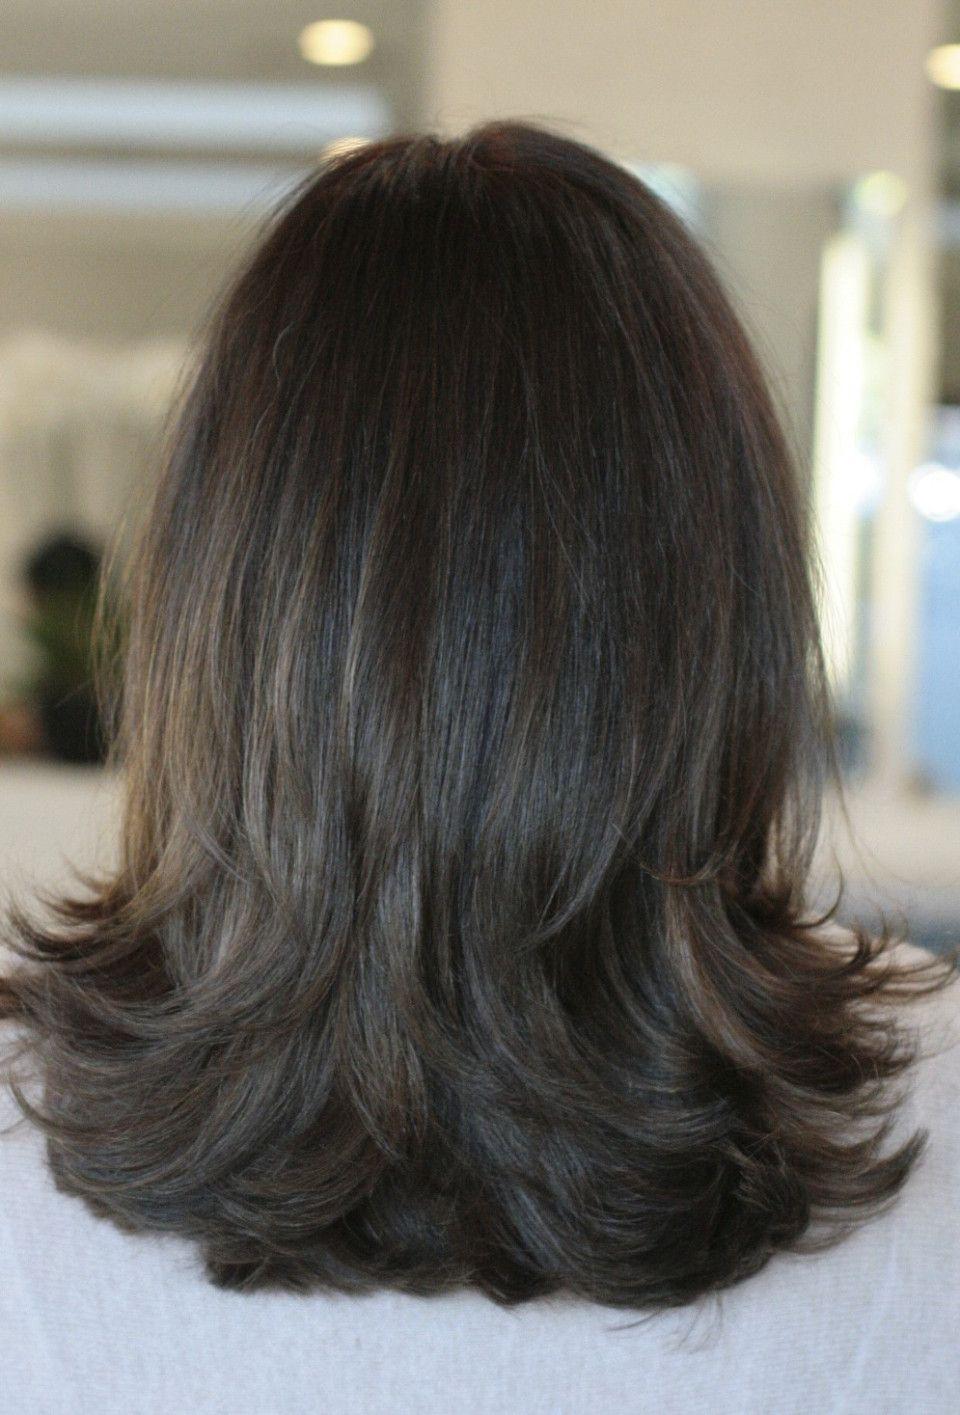 Natural brunette hair color hair pinterest brunette hair